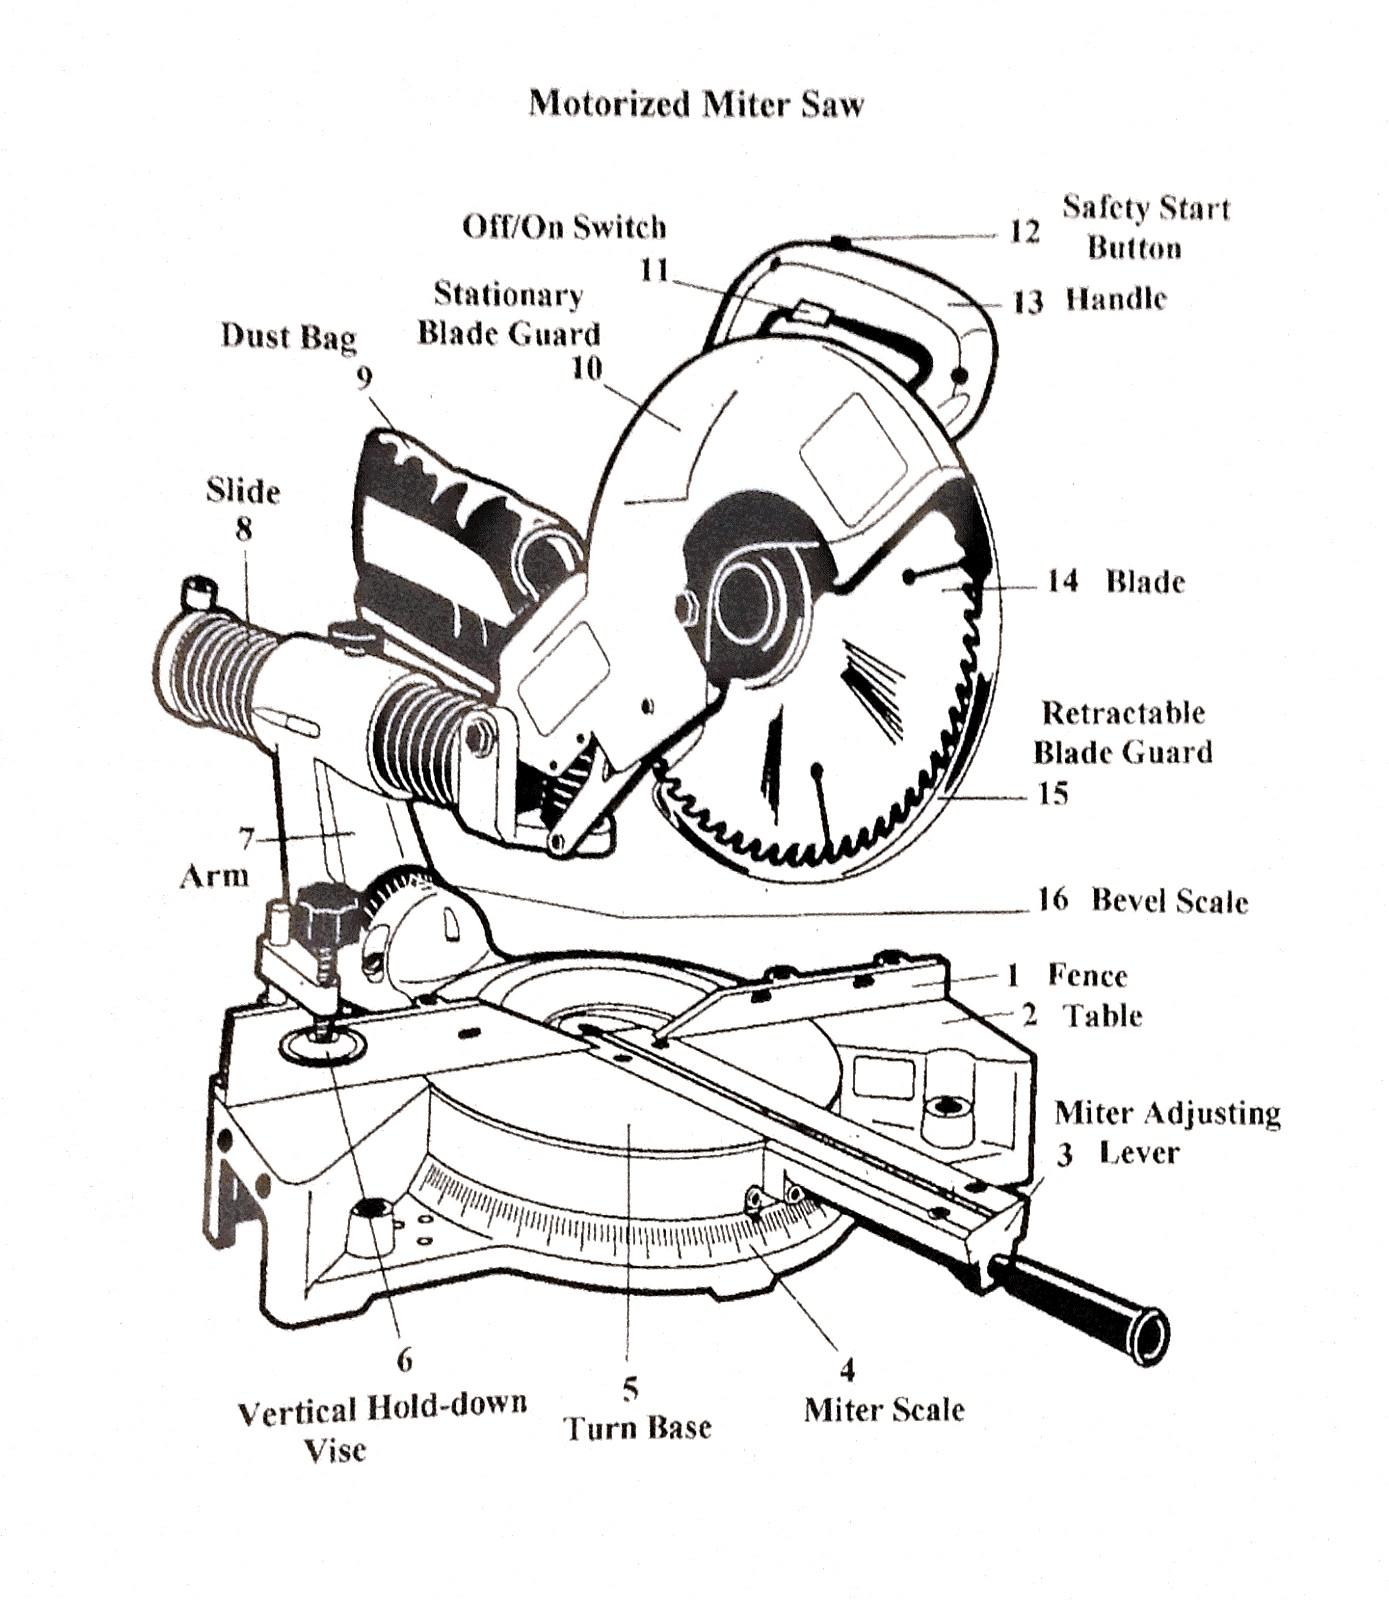 Dewalt Miter Saw Parts Diagram Miter Saw Diagram Another Blog About Wiring Diagram • Of Dewalt Miter Saw Parts Diagram